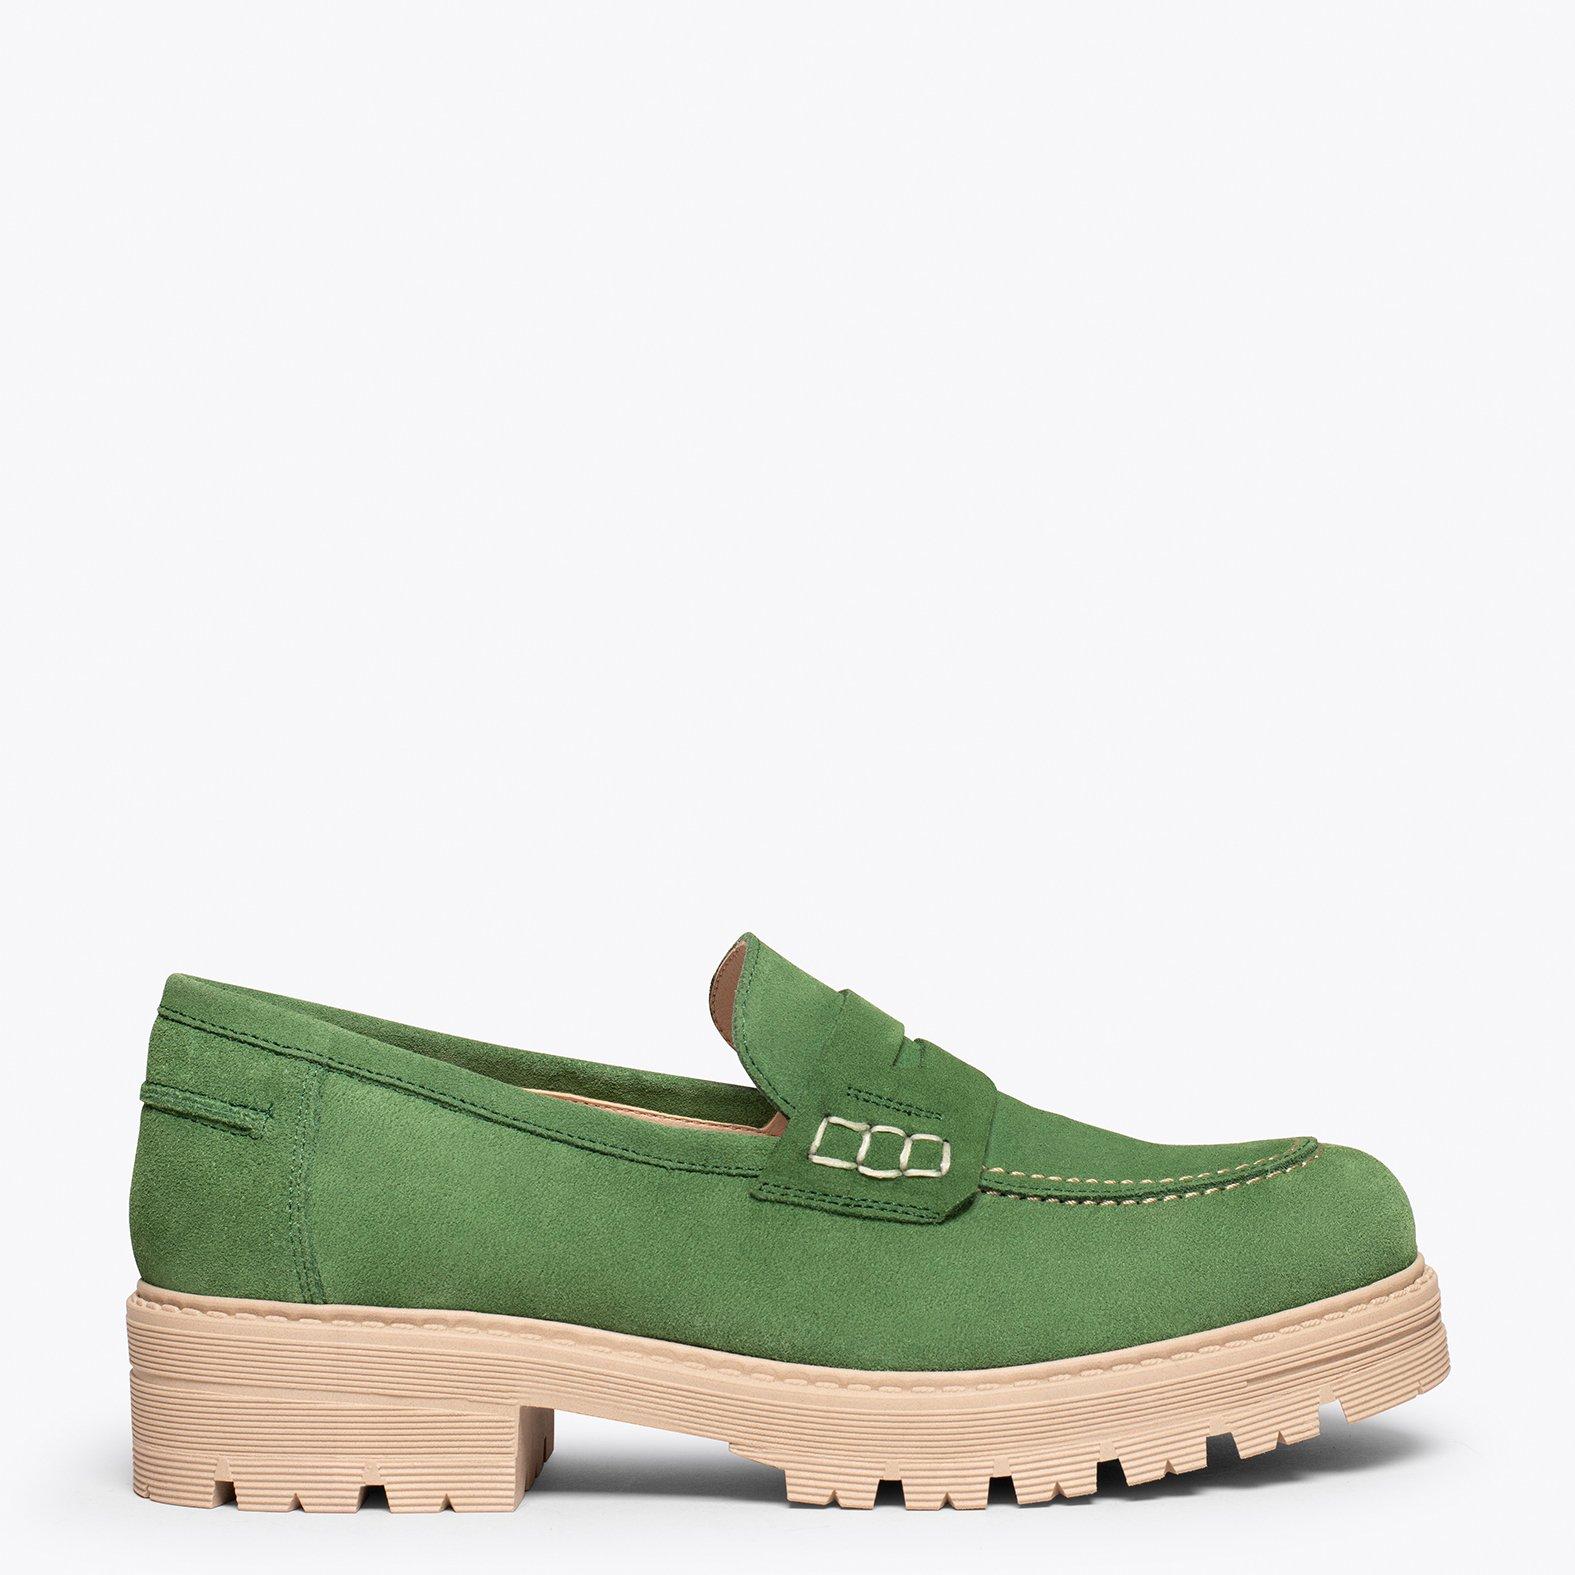 STILETTO Zapato con tacón fino AZUL CELESTE